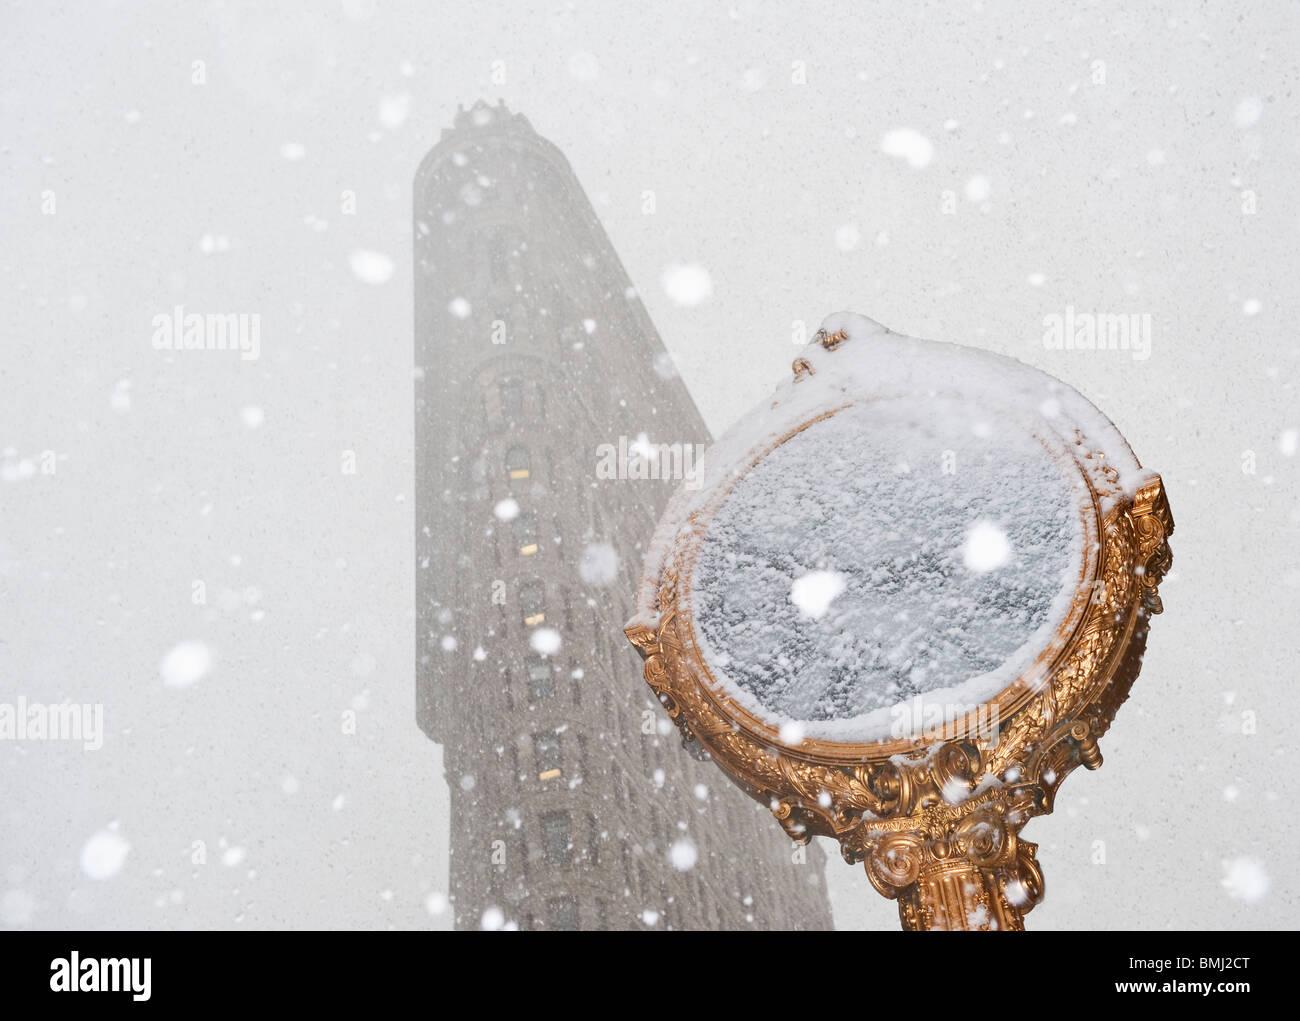 Día de nieve en medio urbano Imagen De Stock